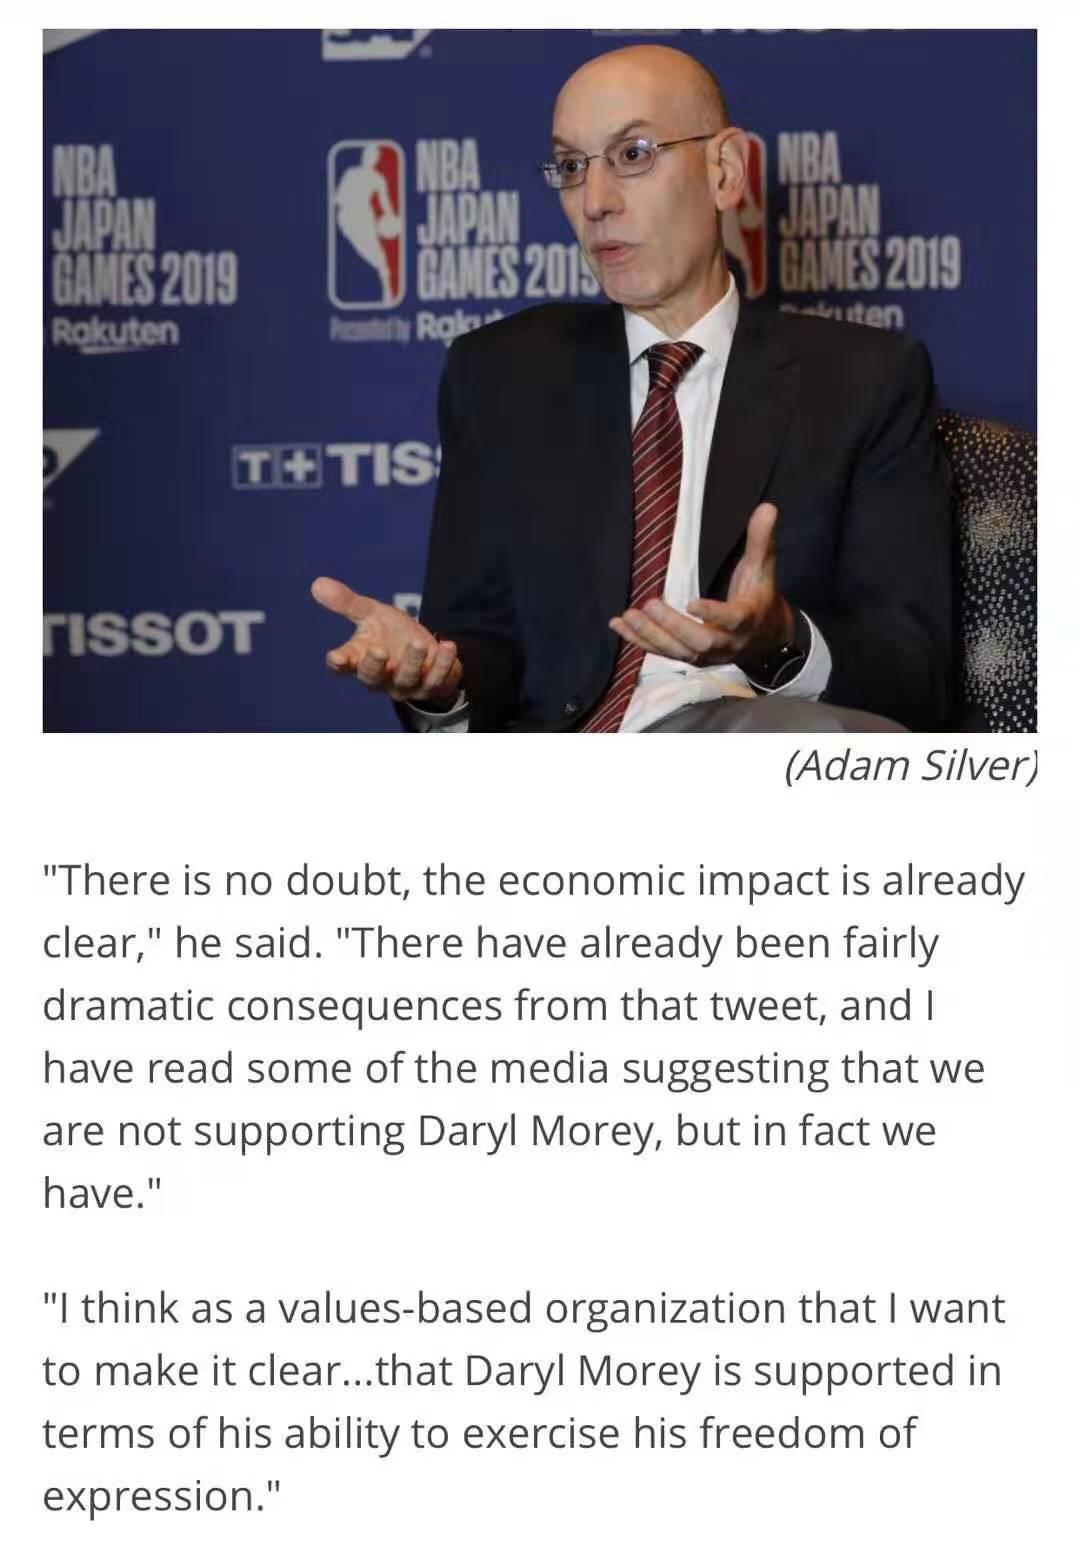 肖华竟表态支持莫雷 NBA总裁:我们是言论自由的联盟